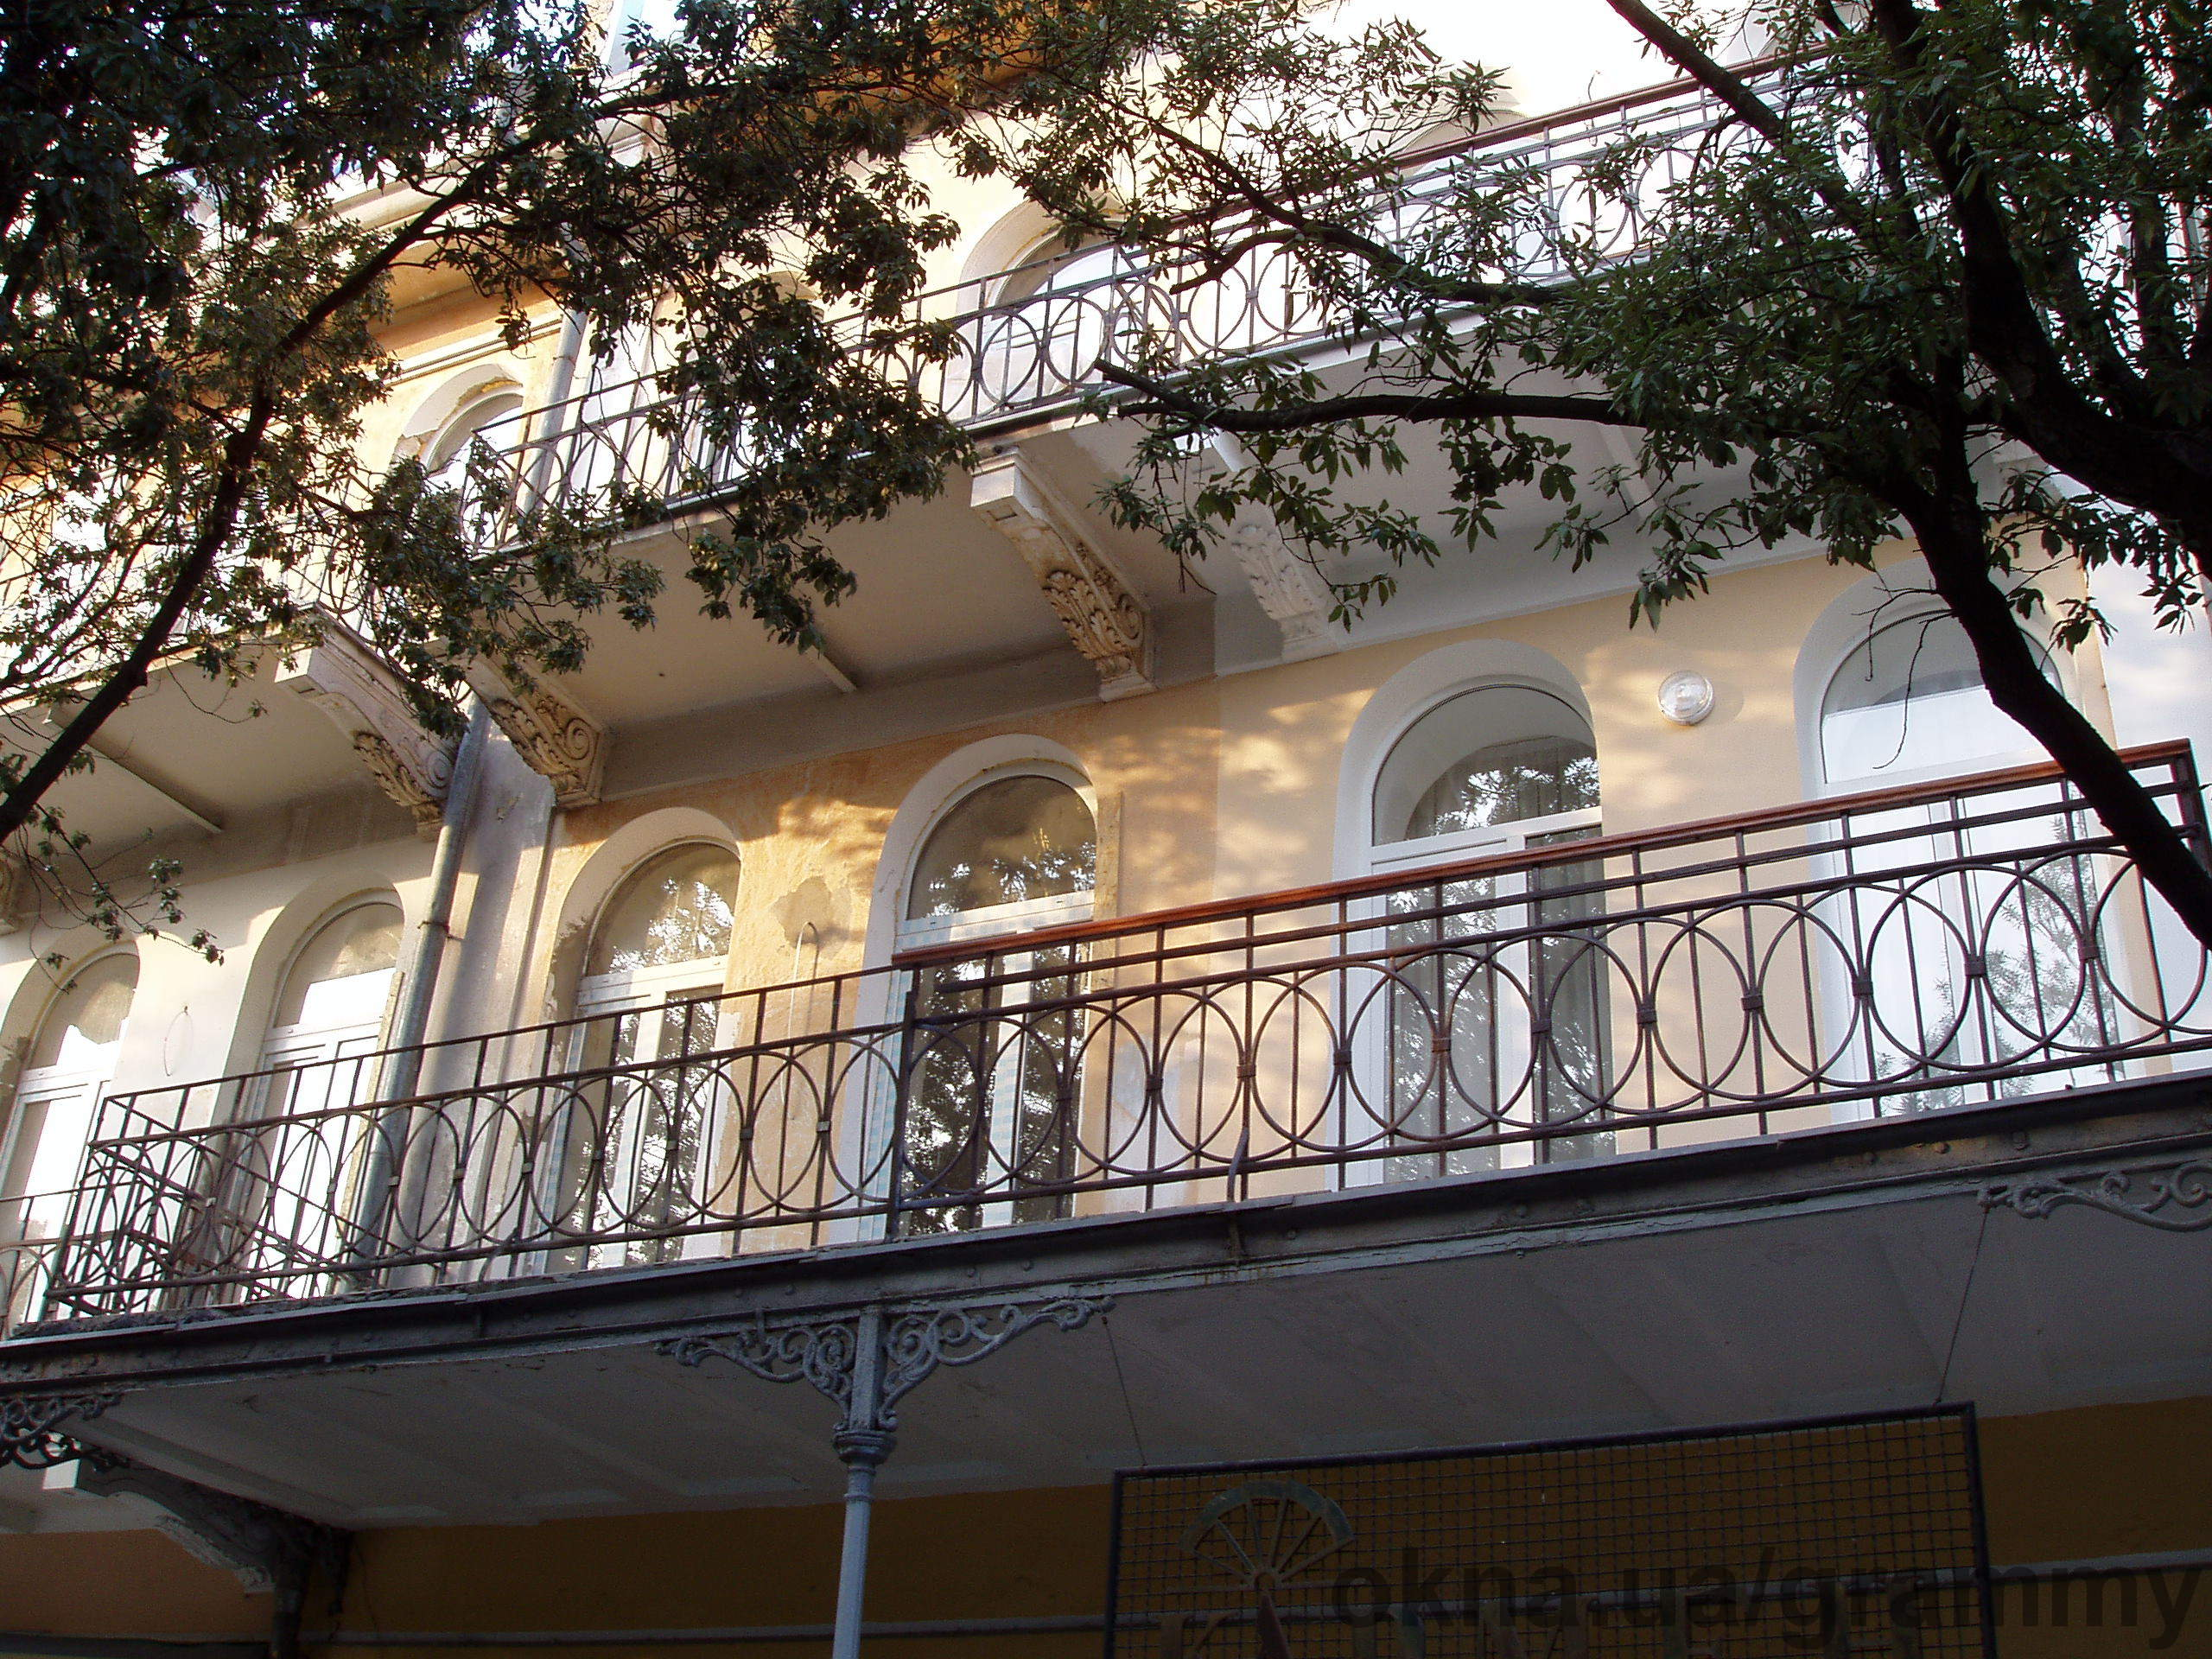 Балконы: проектирование, изготовление, строительно монтажные работы, остекление, внутренняя отделка, сдача в эксплуатацию, согласование и узаконение.